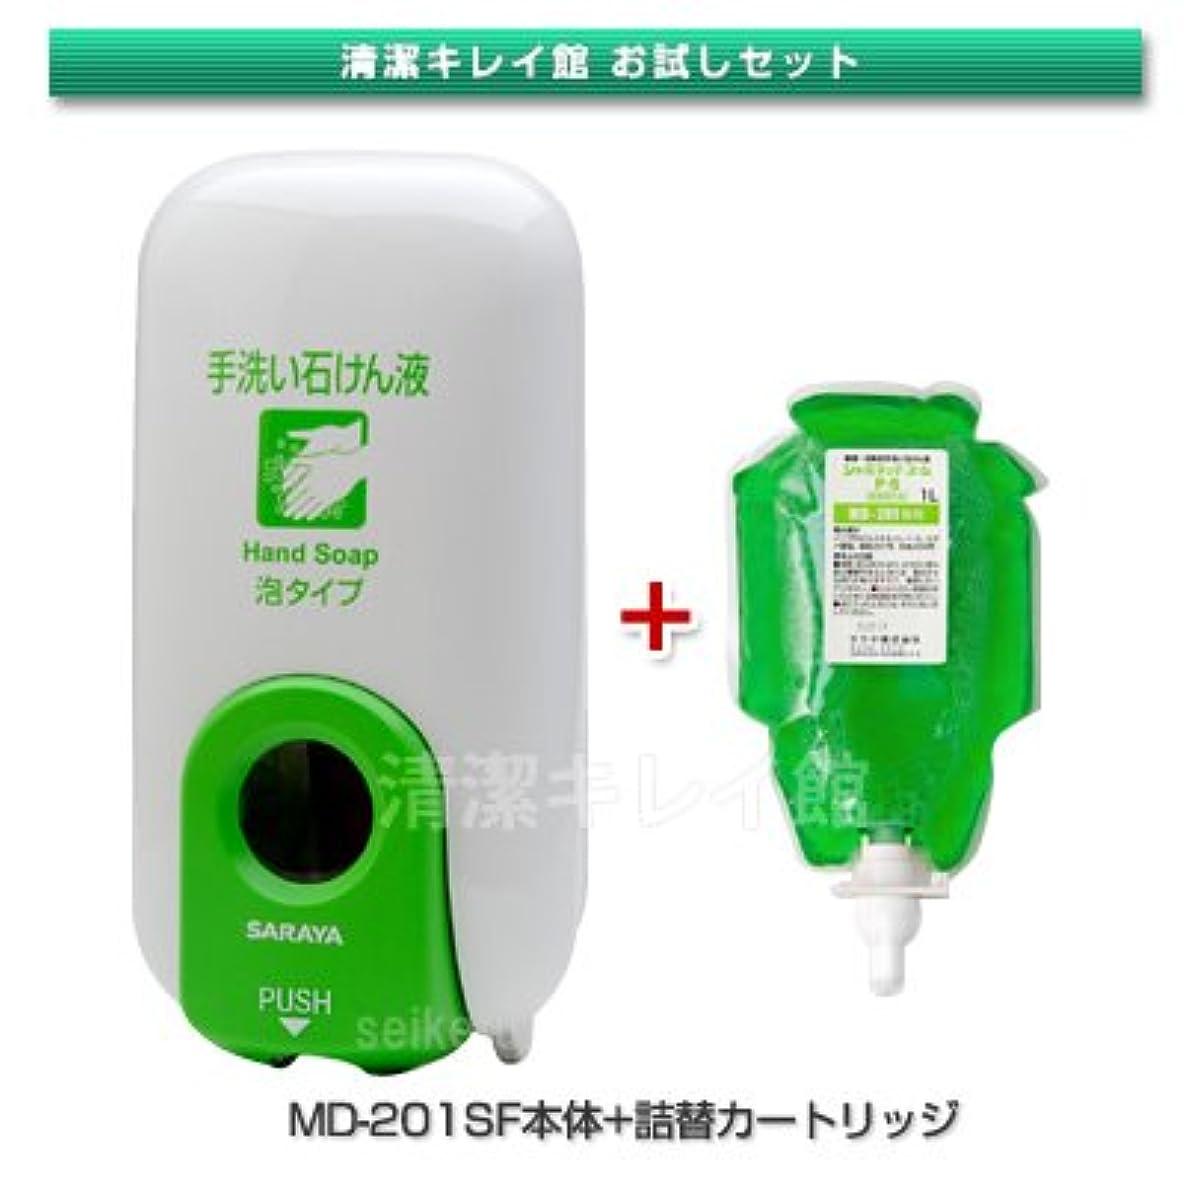 発掘する国家弾性サラヤ プッシュ式石鹸液 MD-201SF(泡)【清潔キレイ館お試しセット】(本体とカートリッジ/ユムP-5)